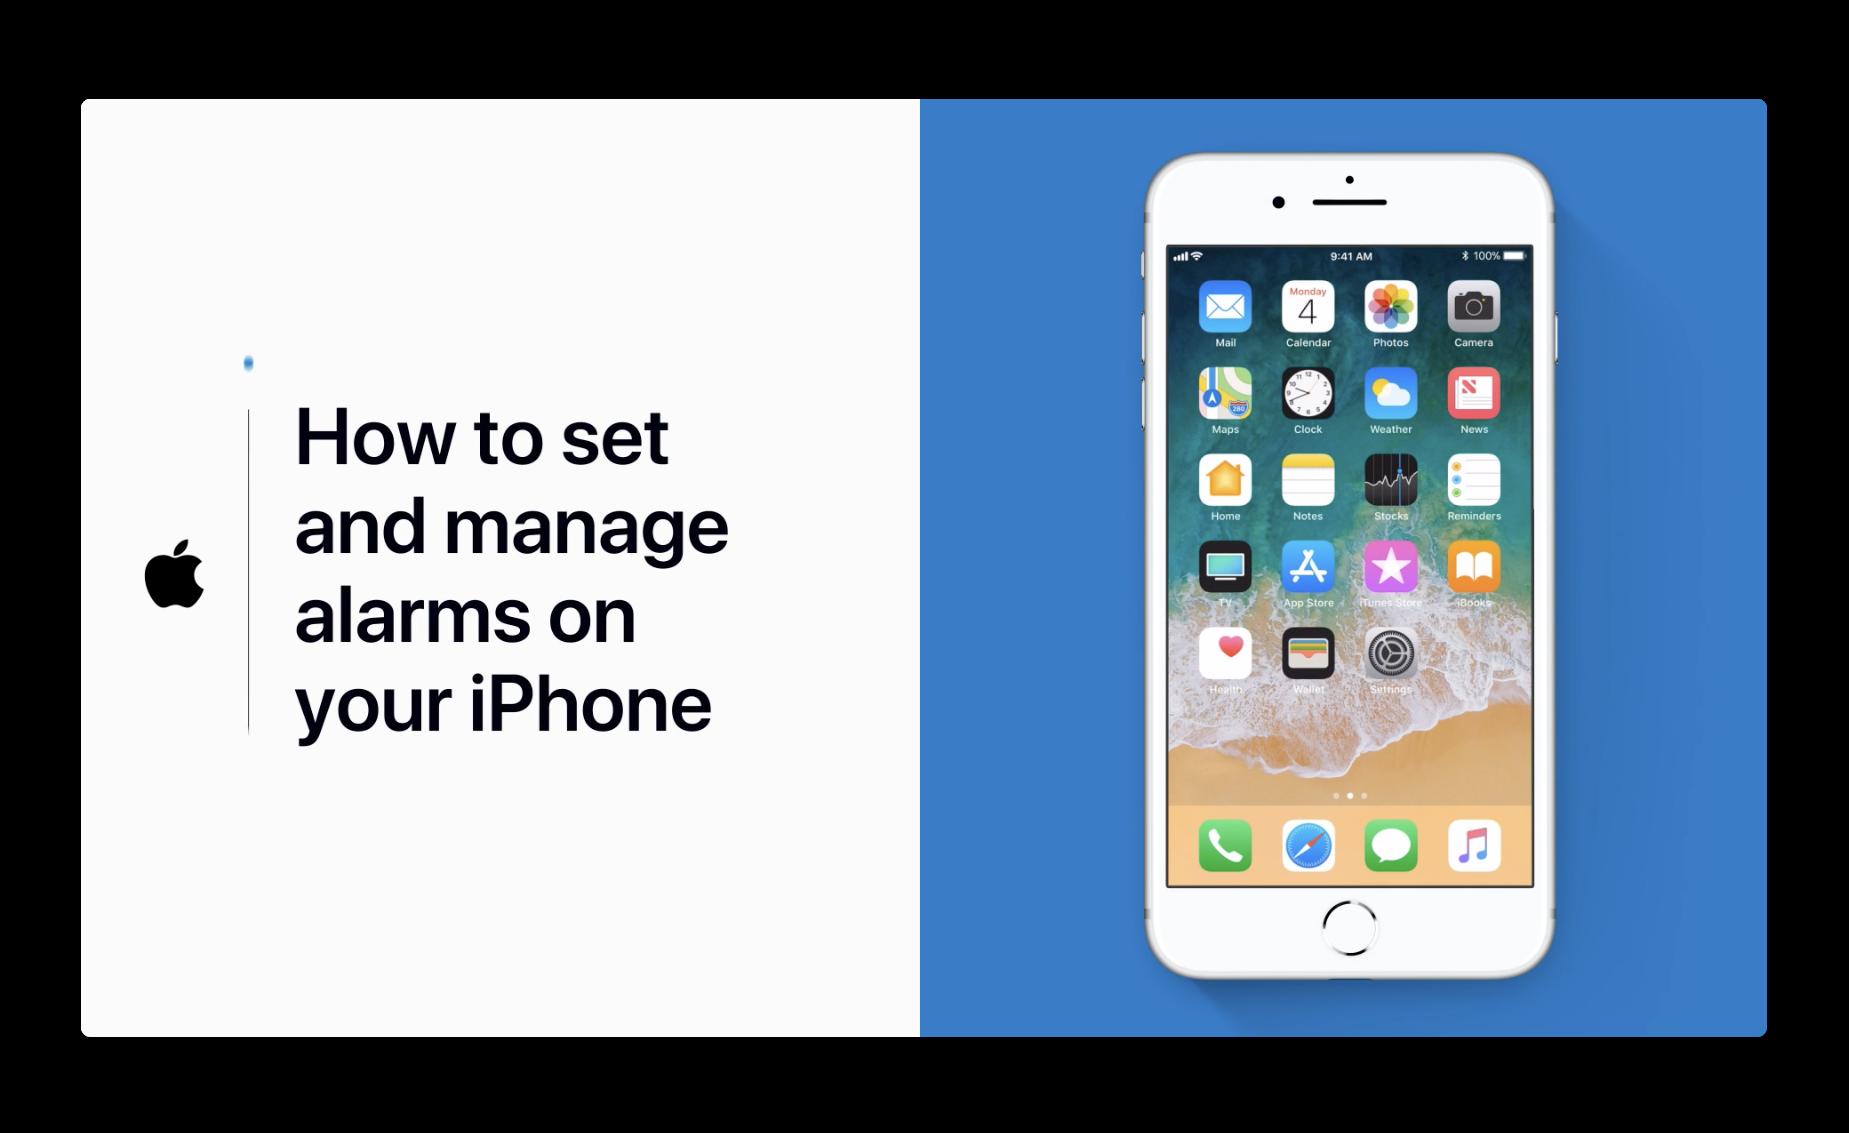 Apple Support、iPhoneでアラームを設定および管理する方法のビデオを公開